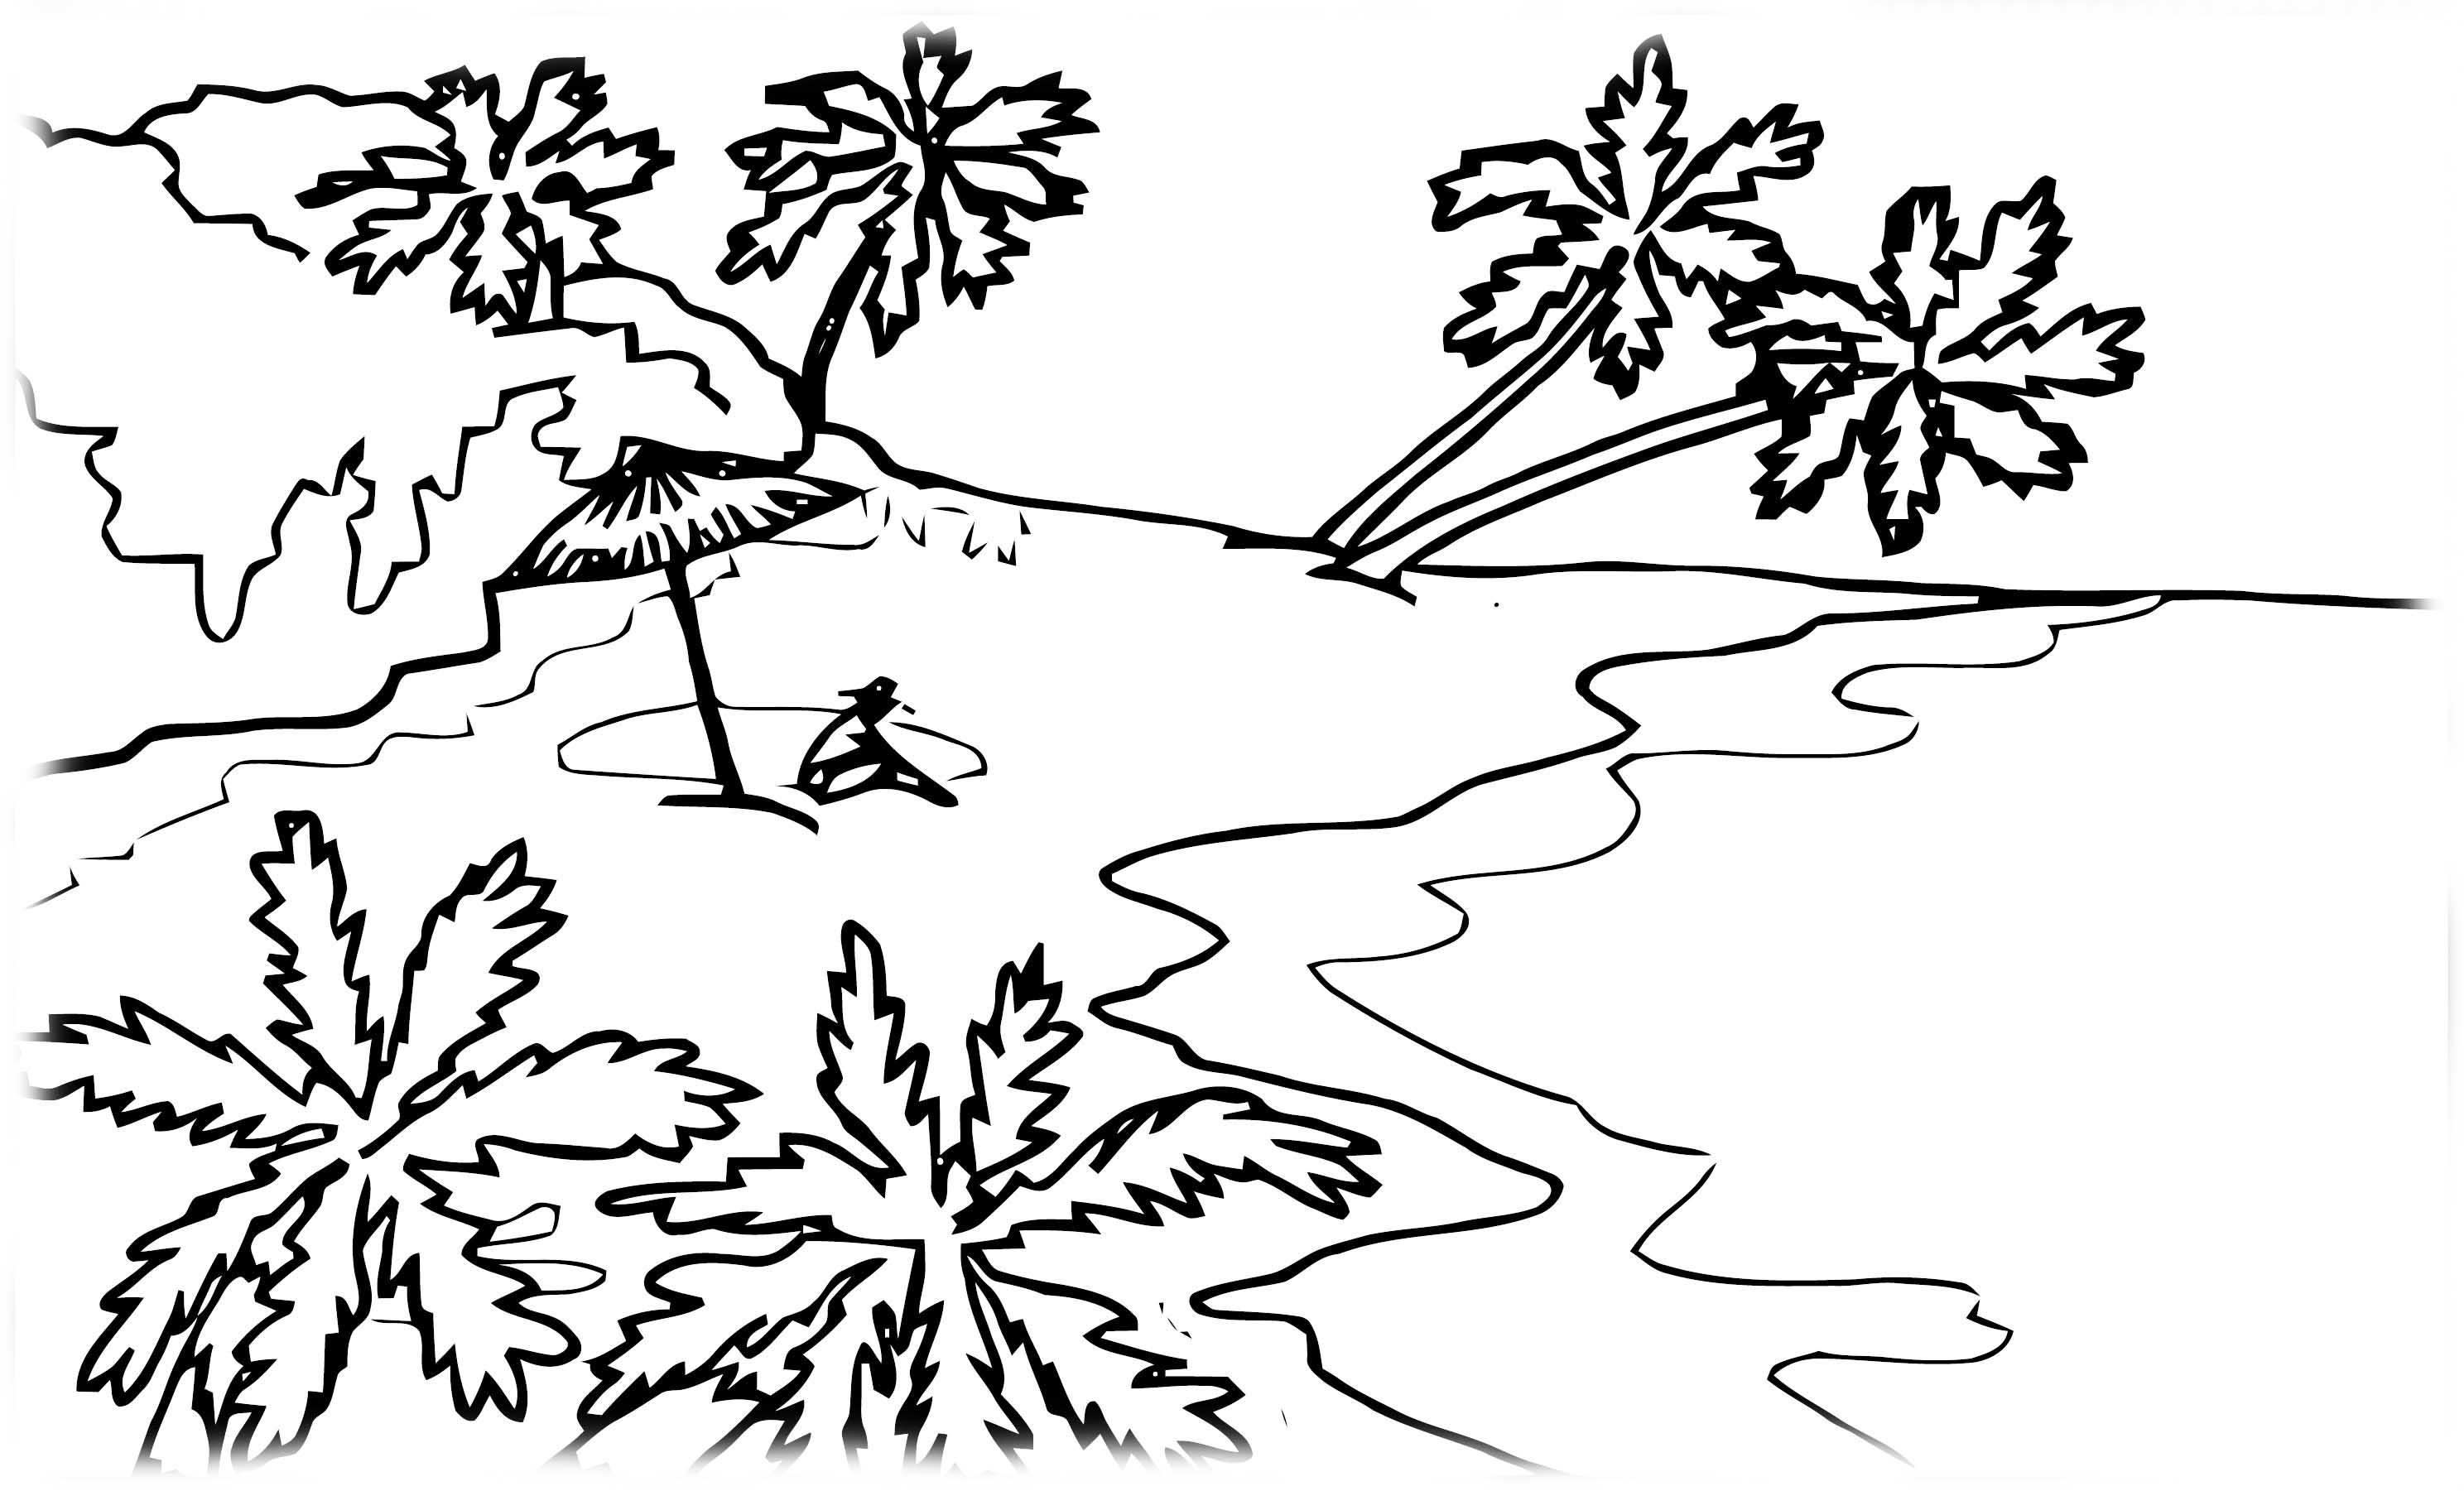 Скачать и распечатать раскраски для детей - природа